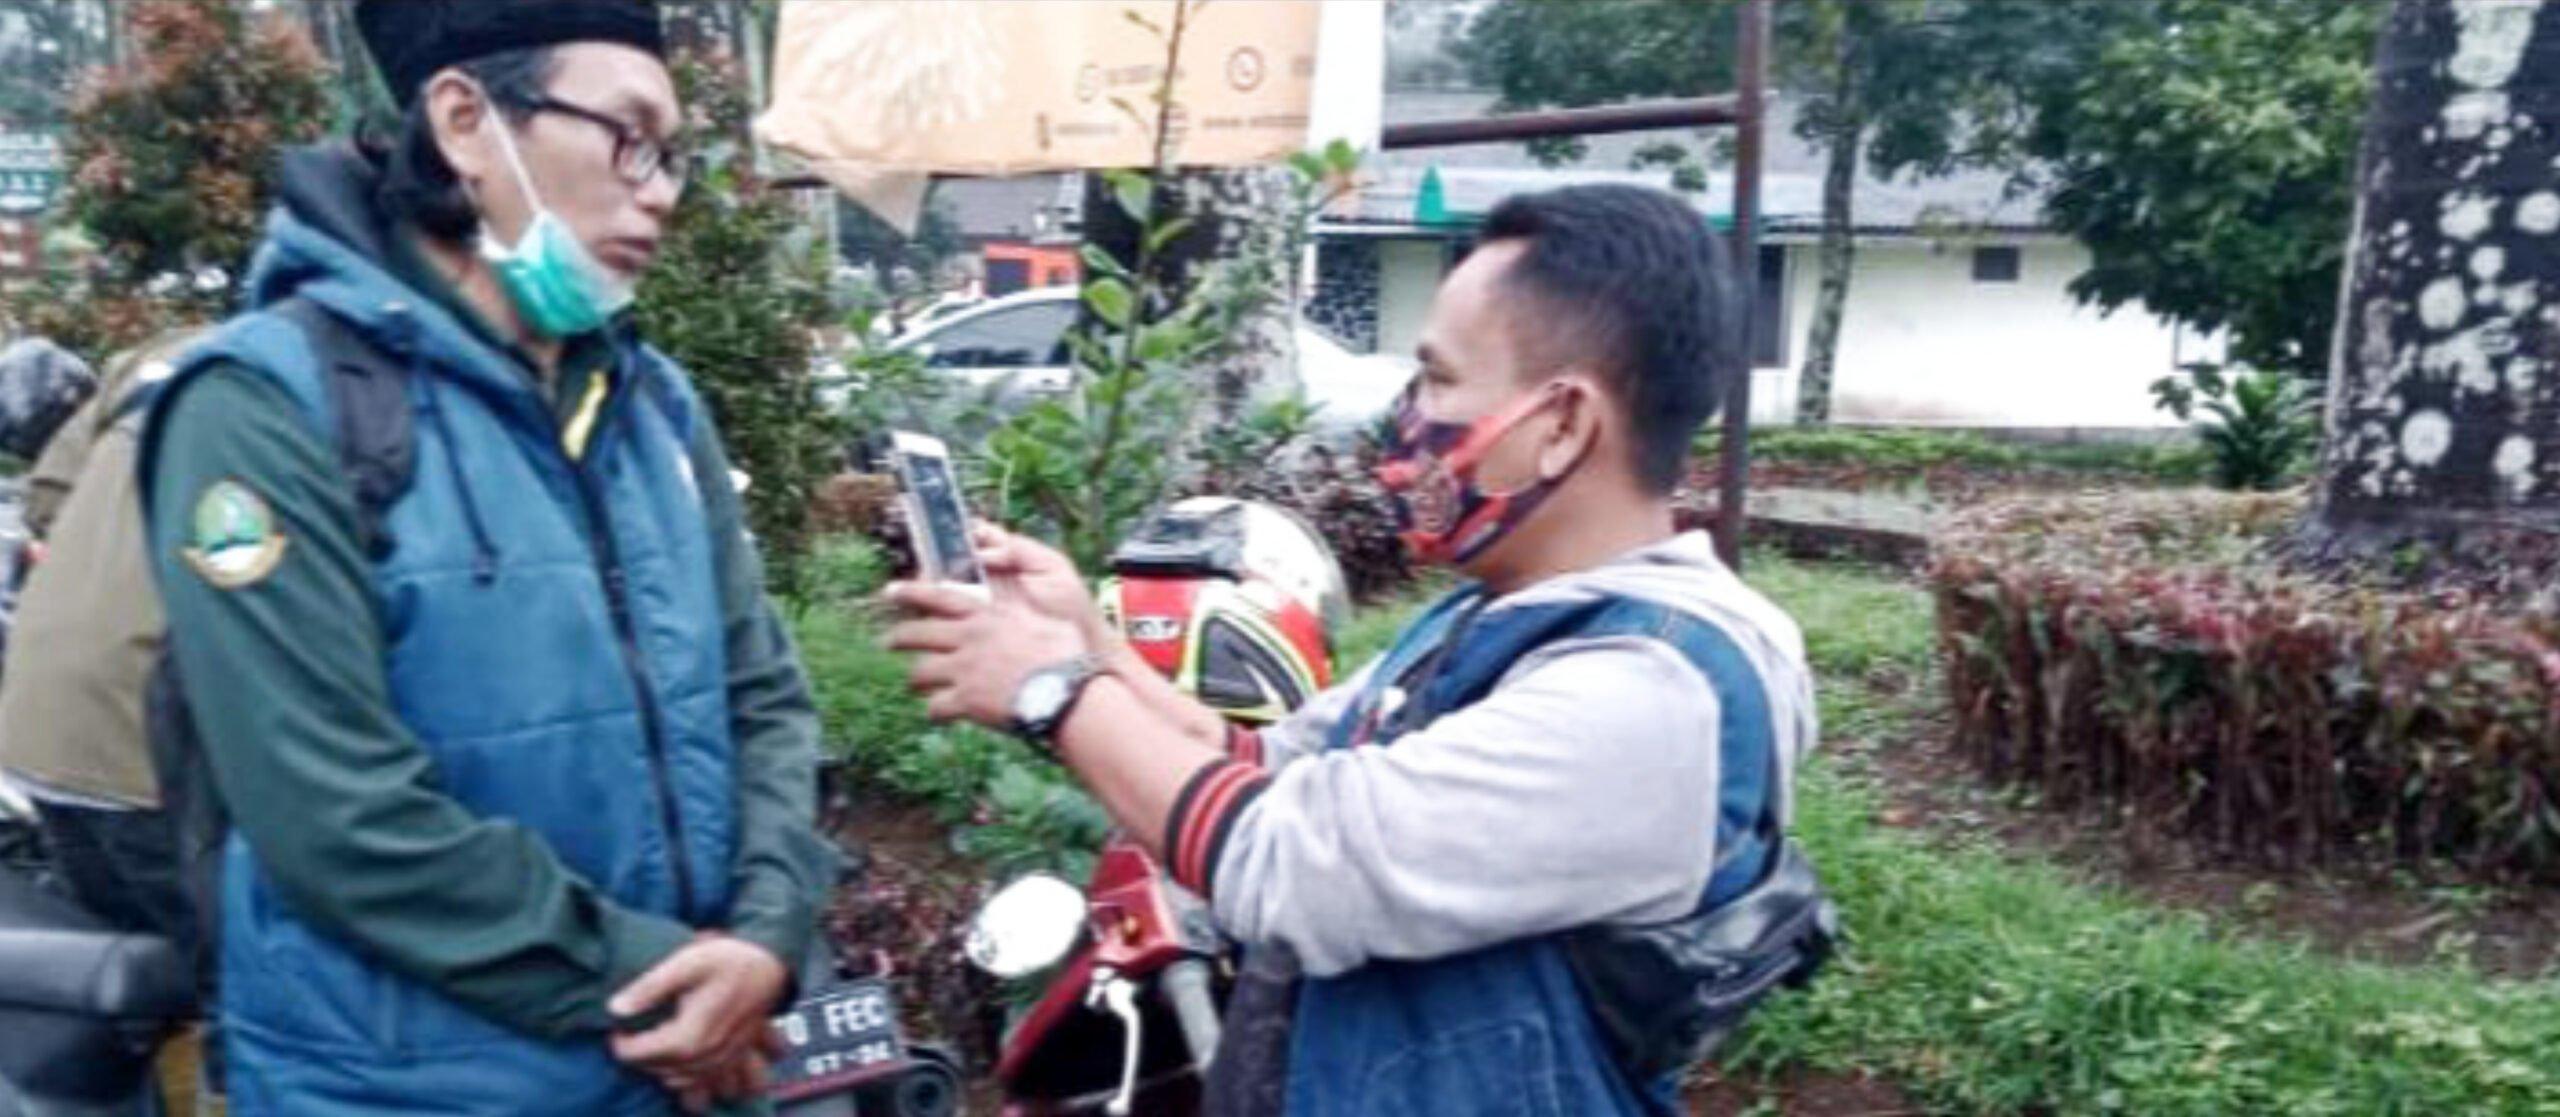 Pemerintah Kabupaten Bogor Didesak Perluas Area Hutan Resapan Air Pertanian Perkebunan Bukan Hutan Beton 233